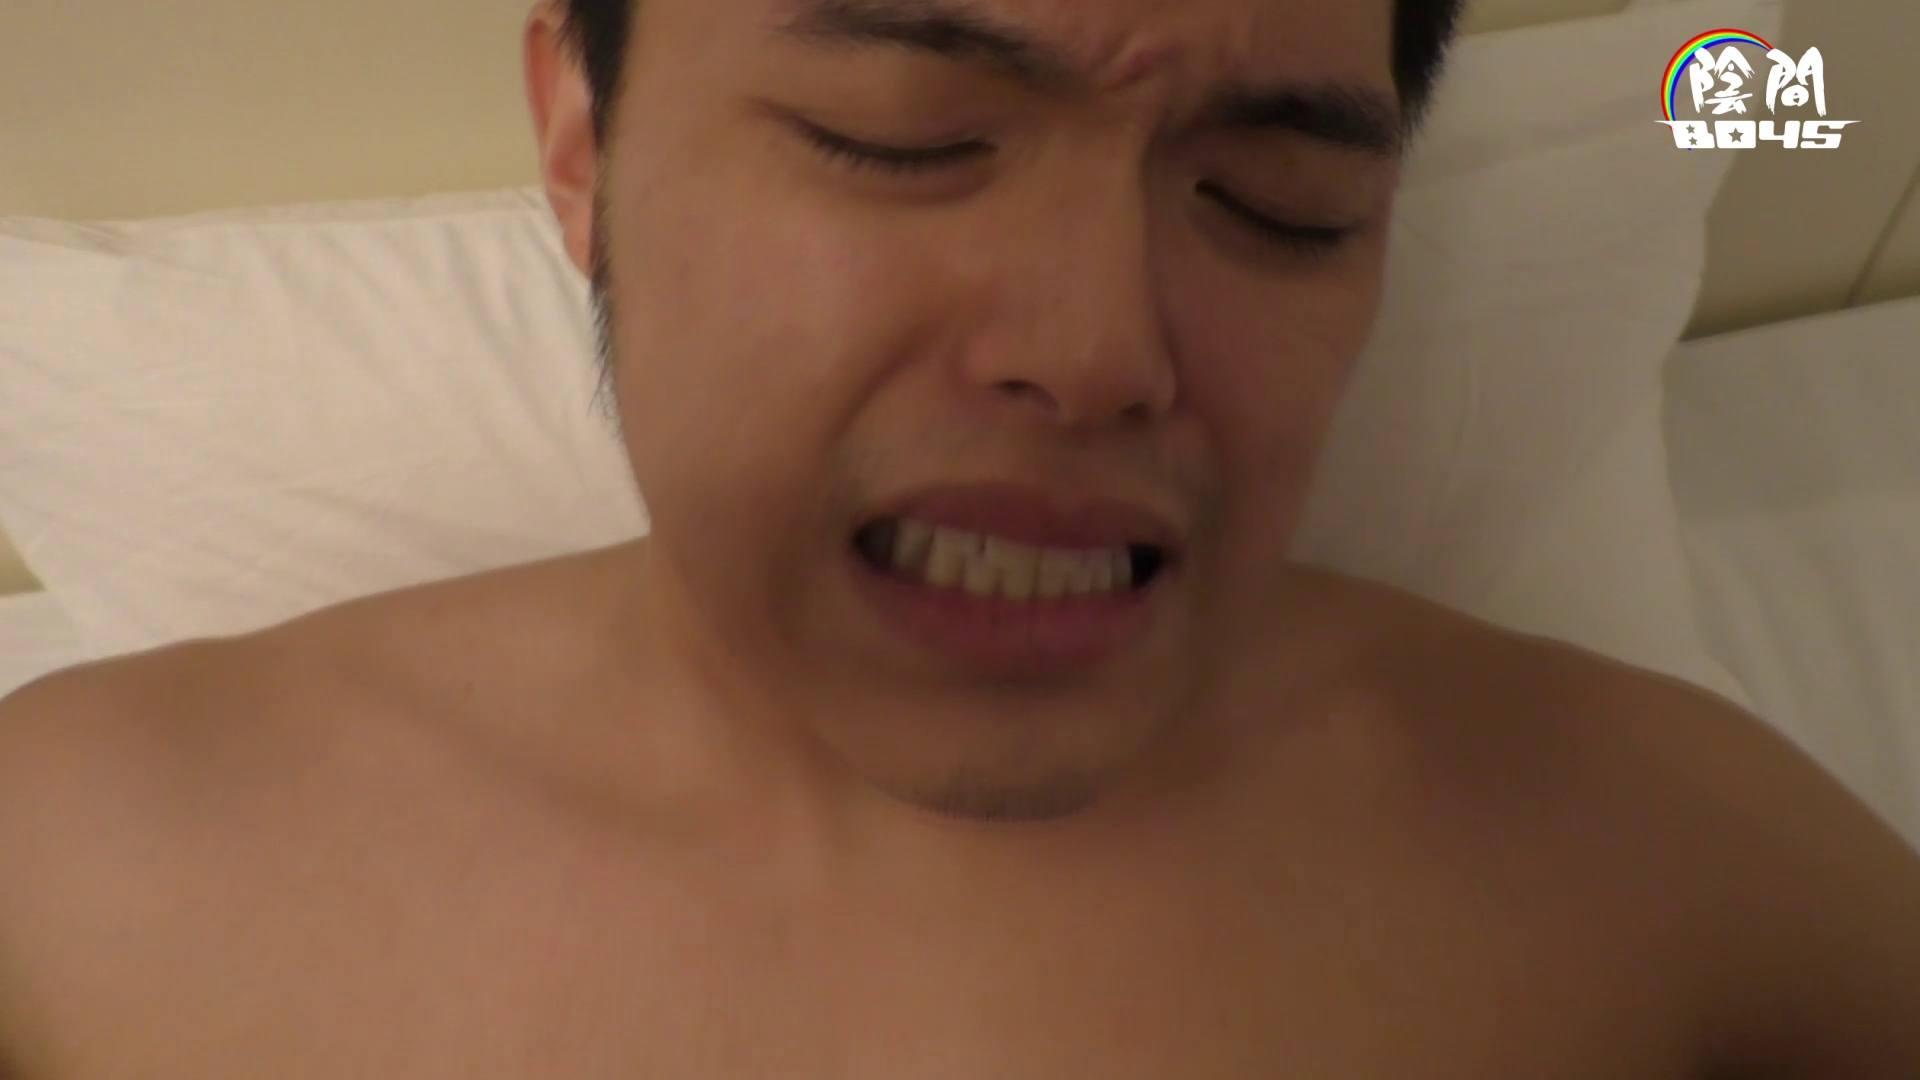 アナルで営業ワン・ツー・ スリーpart2 Vol.5 ザーメン ゲイセックス画像 78pic 64